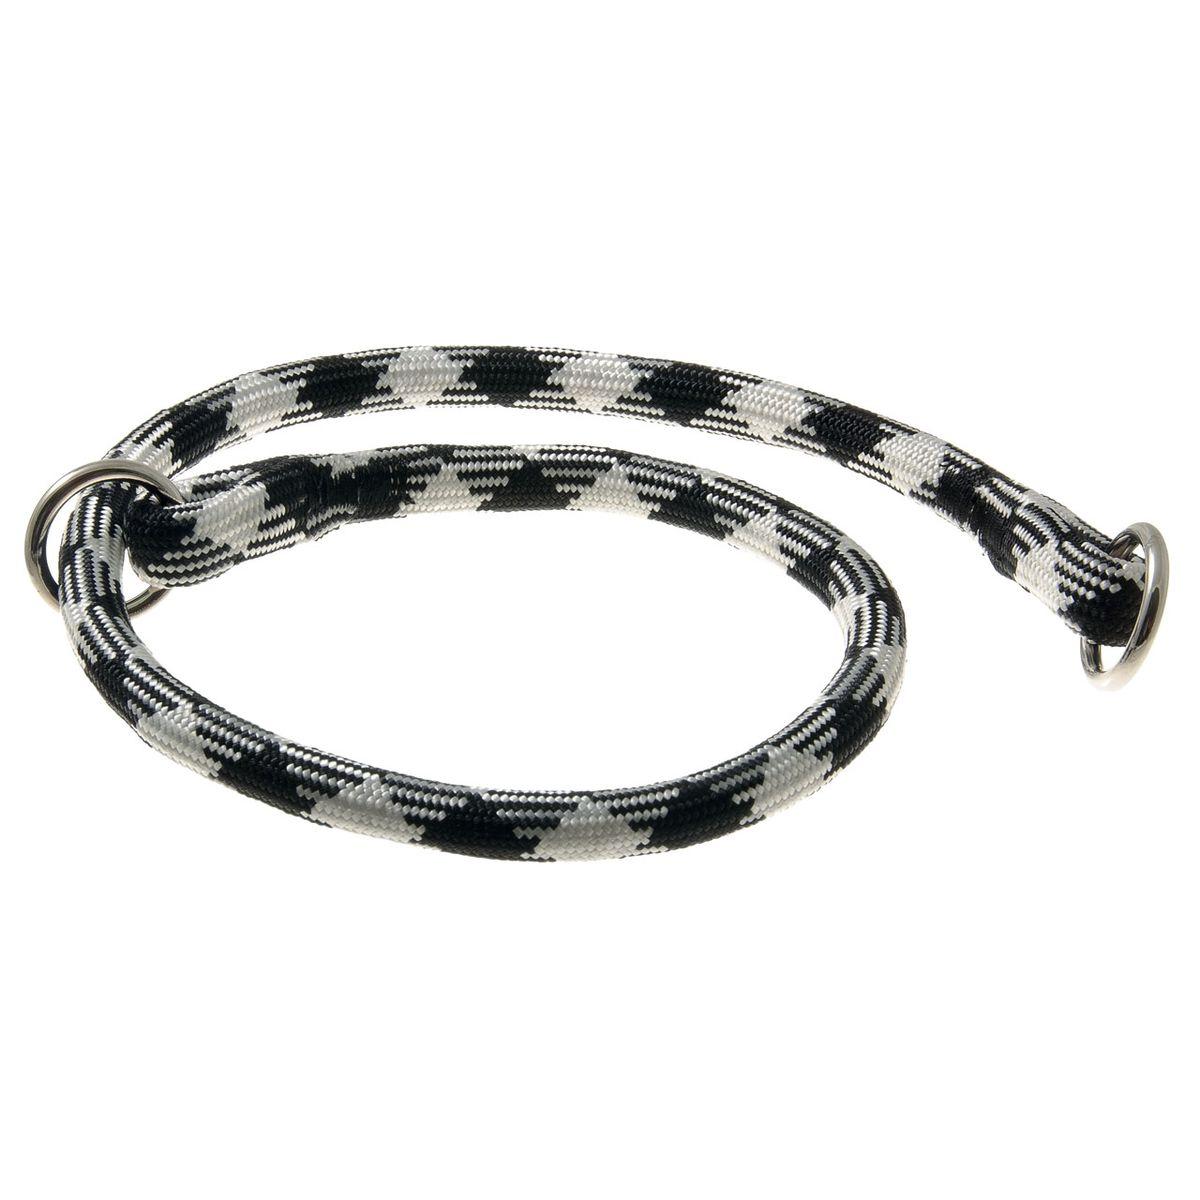 Ошейник для собак V.I.Pet Арлекин, цвет: черный, белый, диаметр 13 мм, длина 70 см73-2441Качественный ошейник V.I.Pet обладает высокой прочностью и прекрасно держит форму. Идеален для длинношерстных пород, так как имеет круглое сечение, шерсть не сминается и не скатывается. Выполняет роль дрессировочного ошейника, с его помощью вы сможете научить питомца командам и корректировать его поведение. Может служить выставочным ошейником.